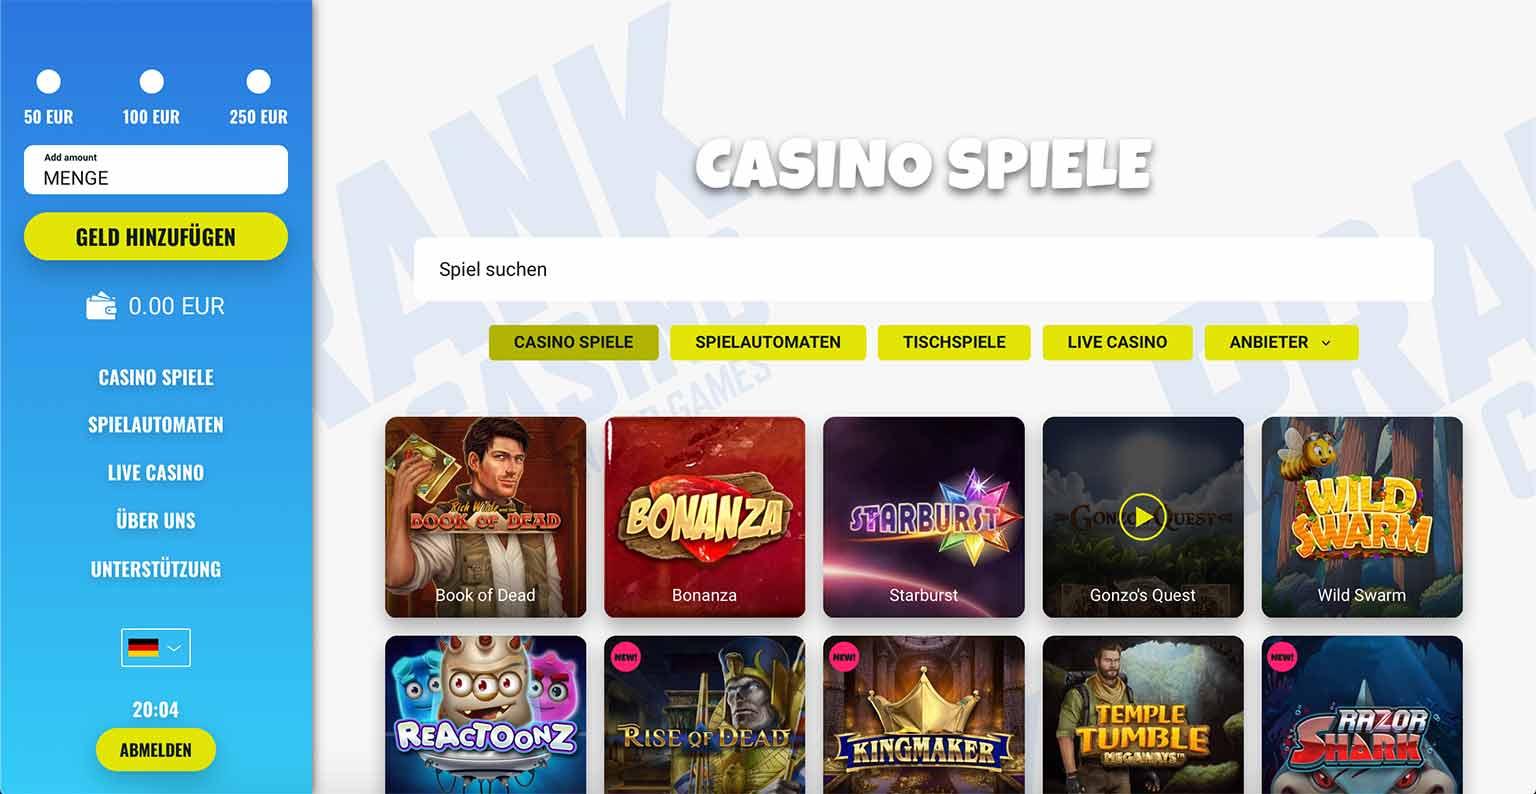 Spiele im Prank Casino